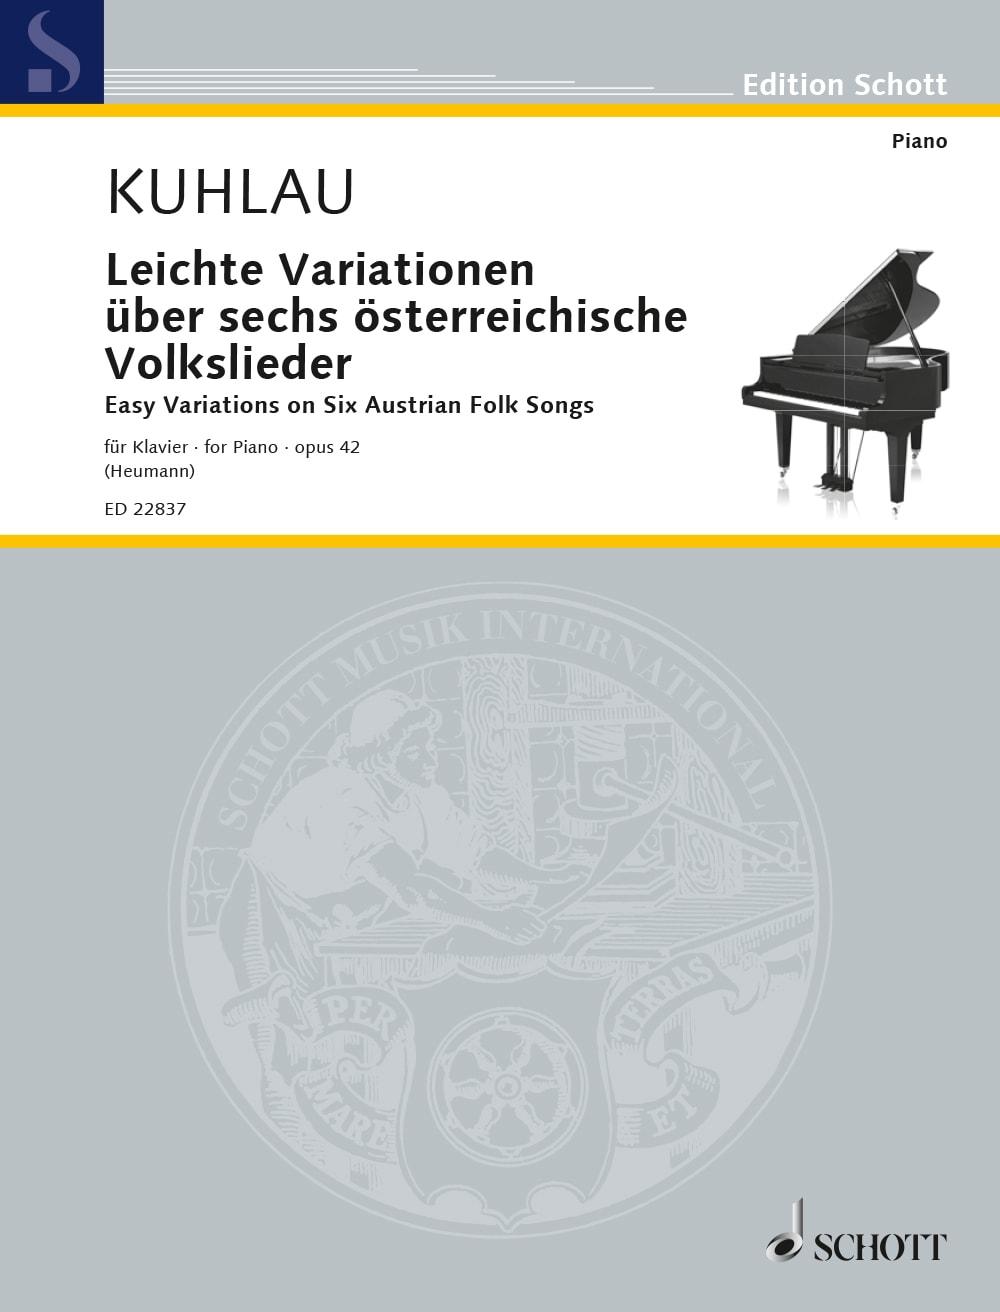 Kuhlau: Leichte Variationen über sechs österreichische Volkslieder op. 42